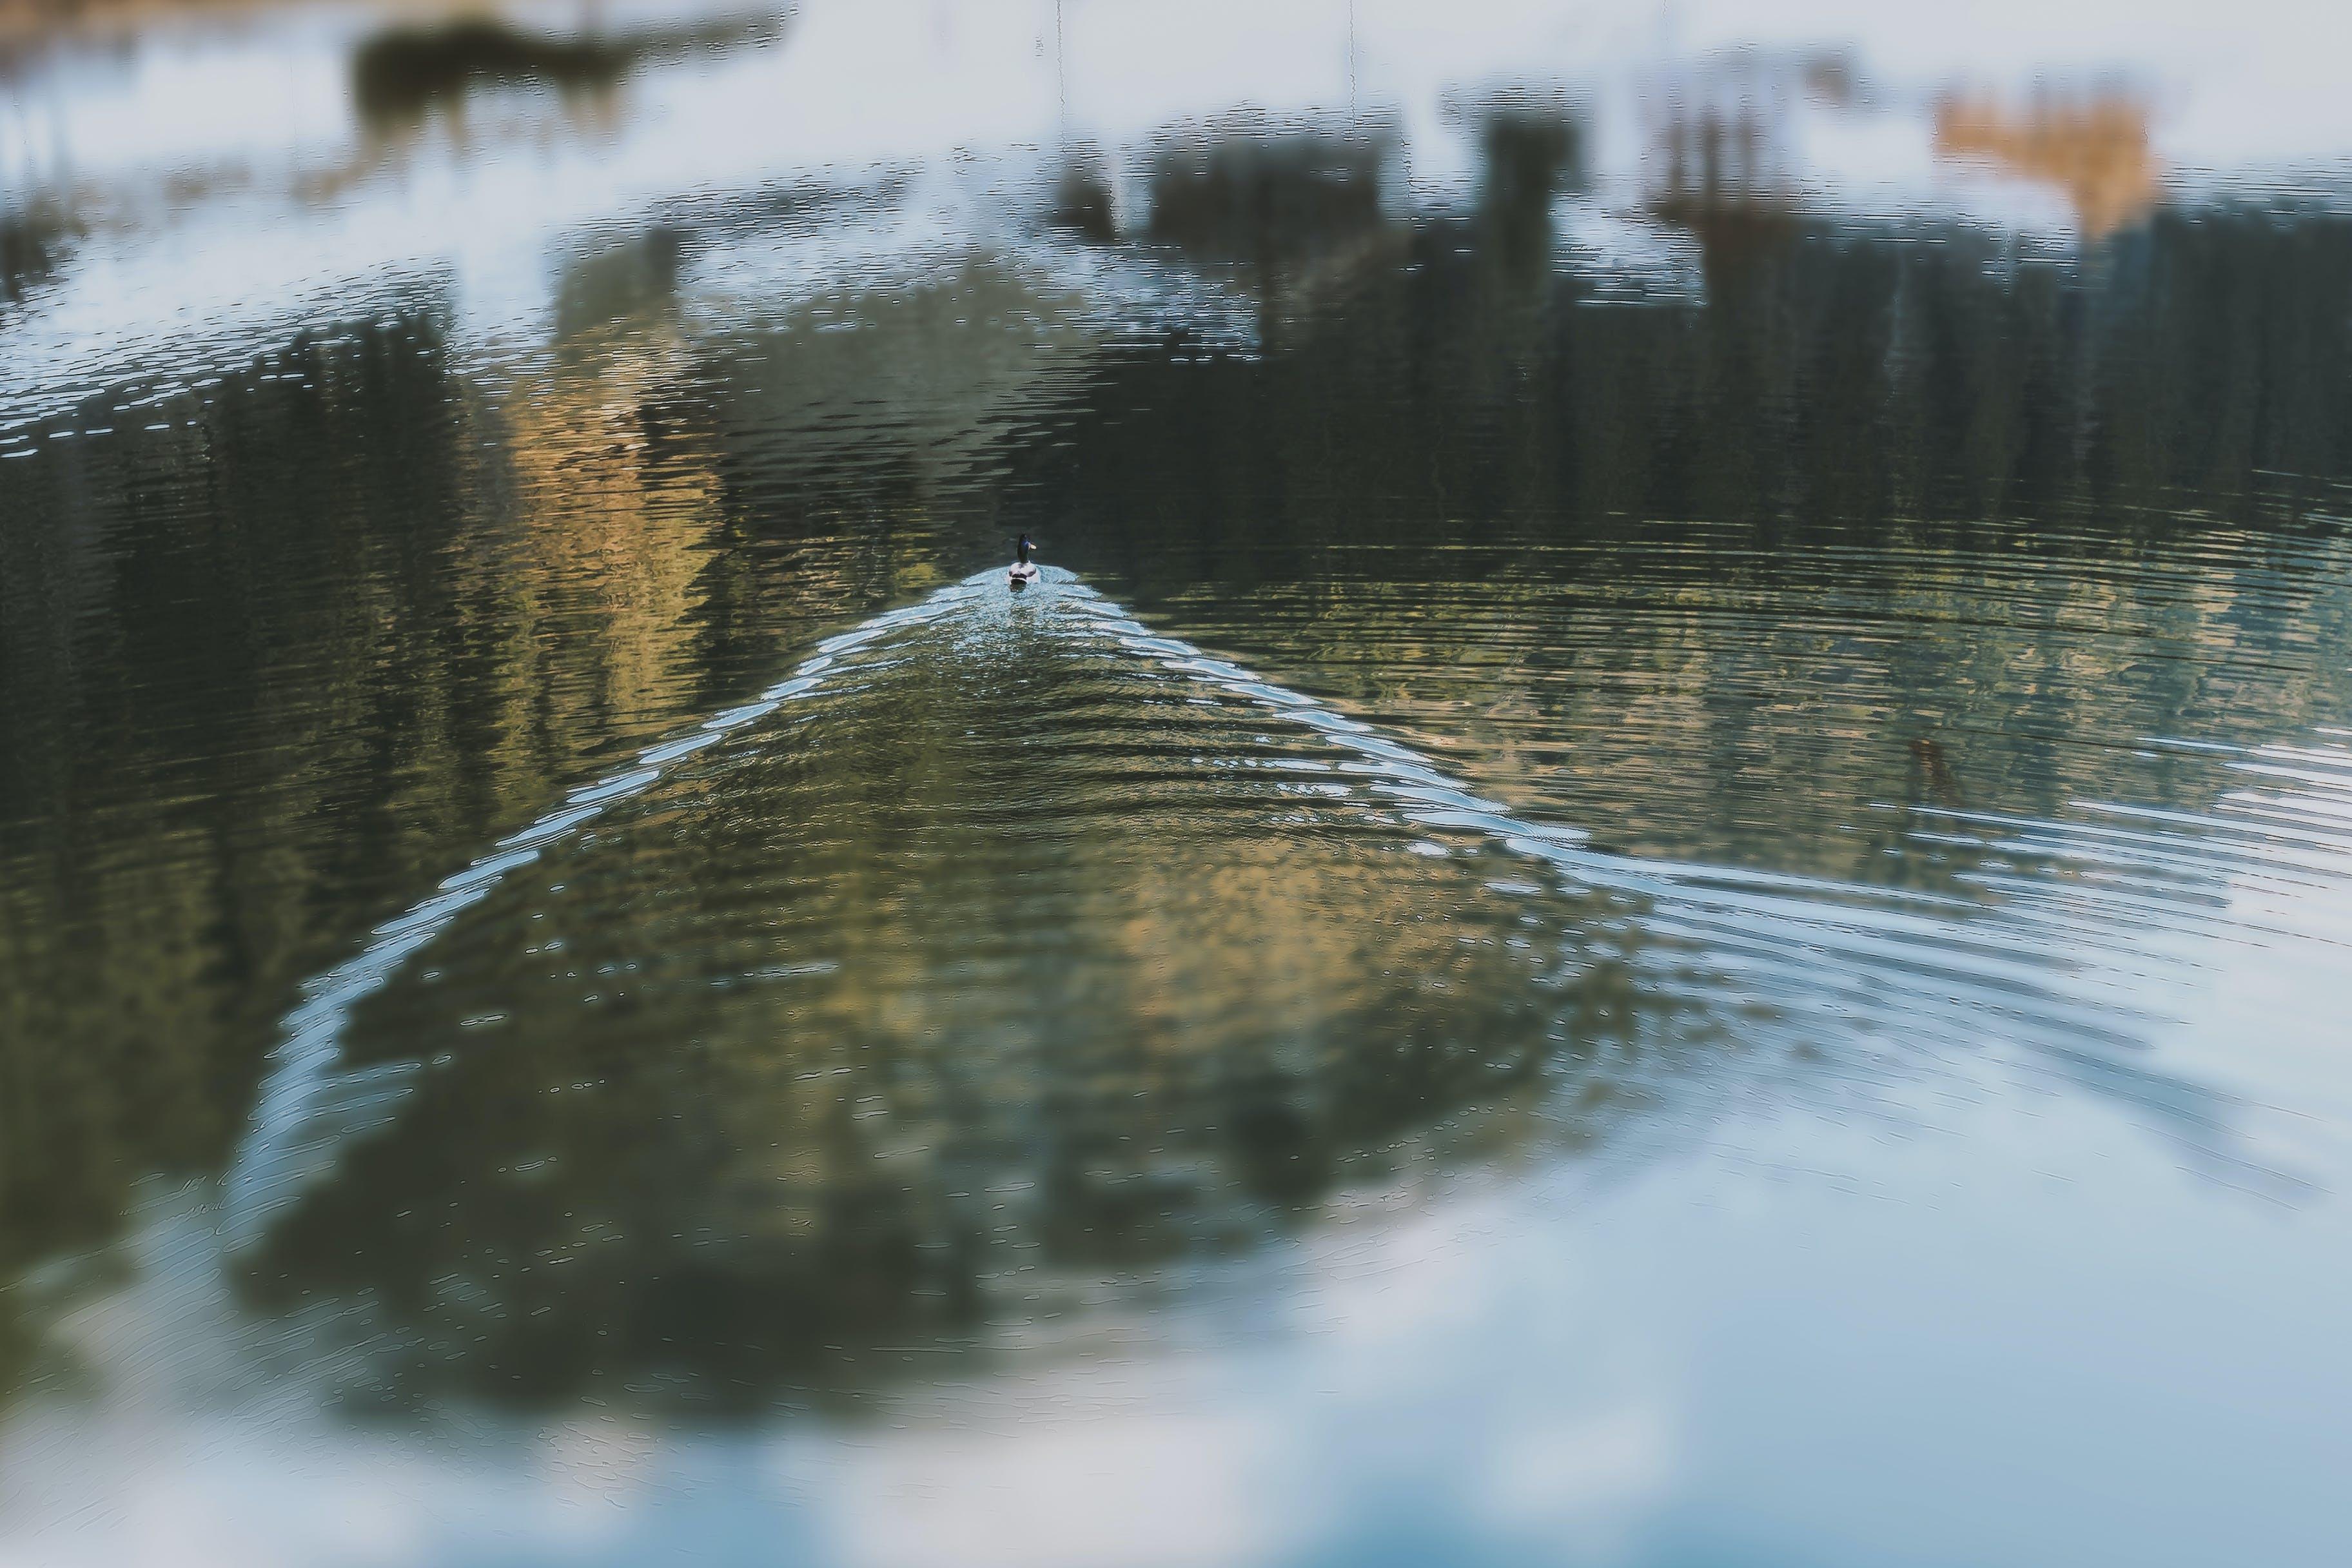 Δωρεάν στοκ φωτογραφιών με αντανάκλαση, απόγευμα, αυγή, γνέφω